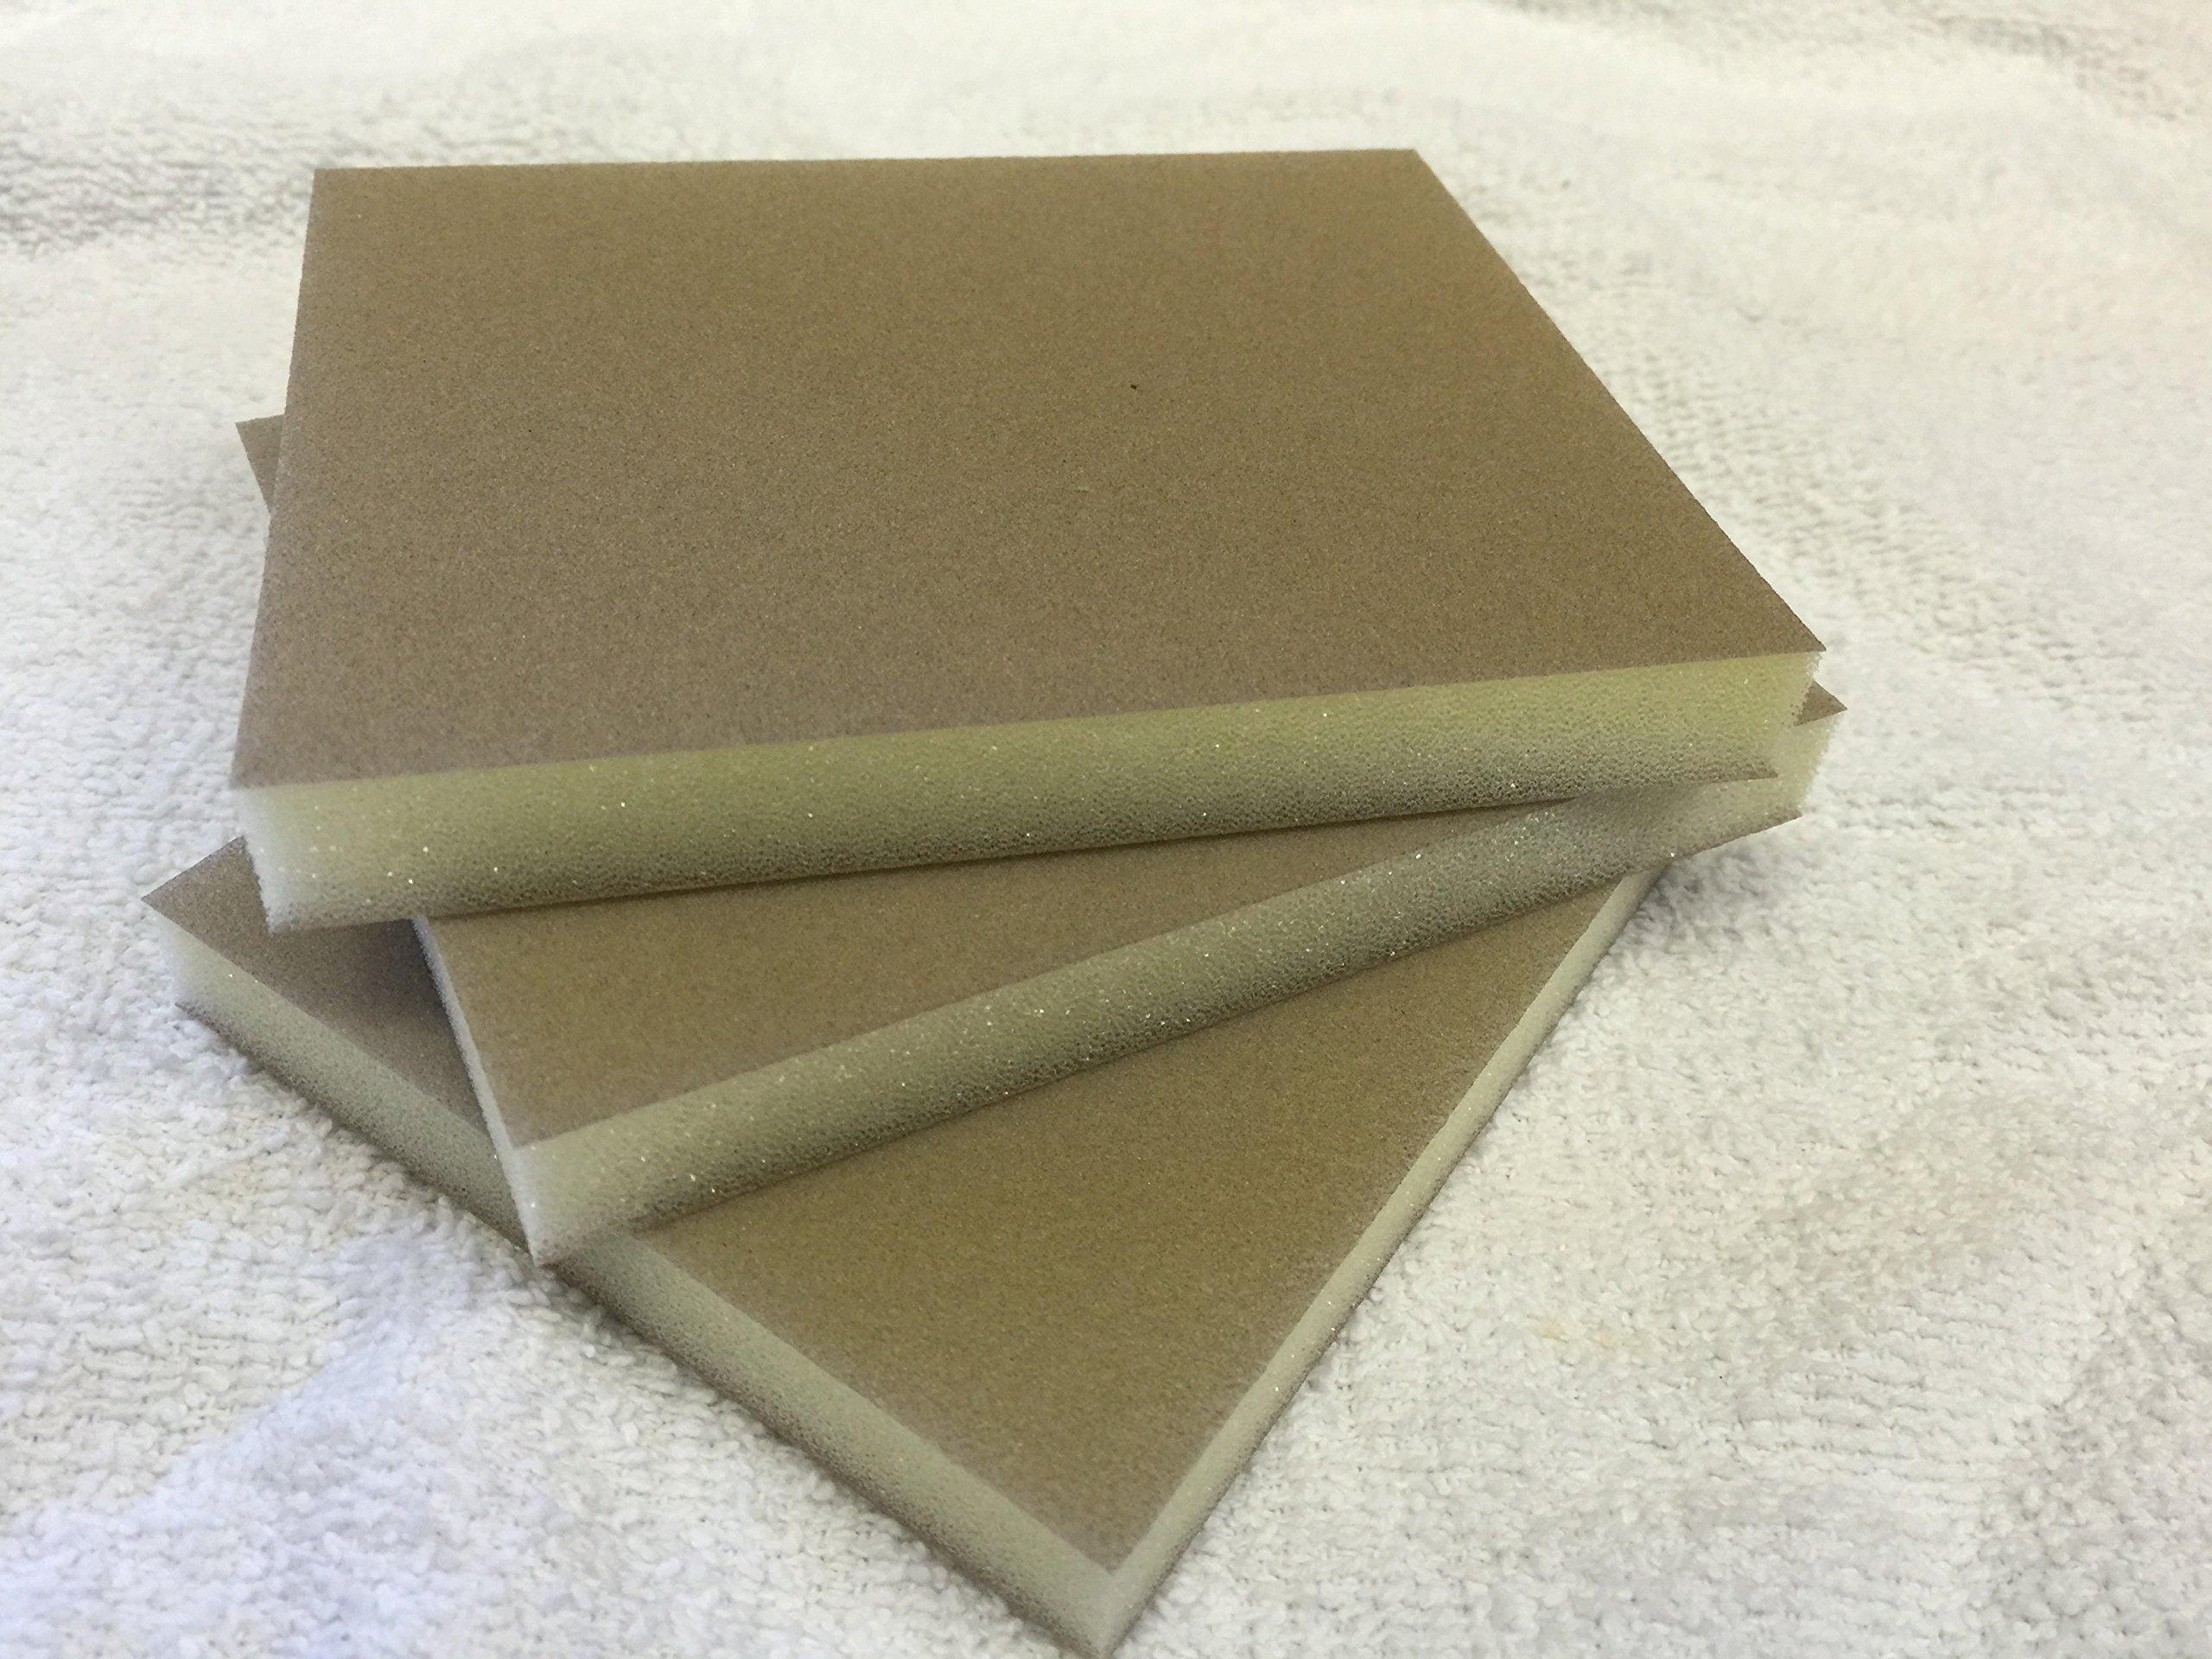 Klingspor Foam Sanding Pad 220 Foam Sanding Pad A/O 5'' x 4'' x 1/2'' - 220 Grit, Pack of 10 by Klingspor